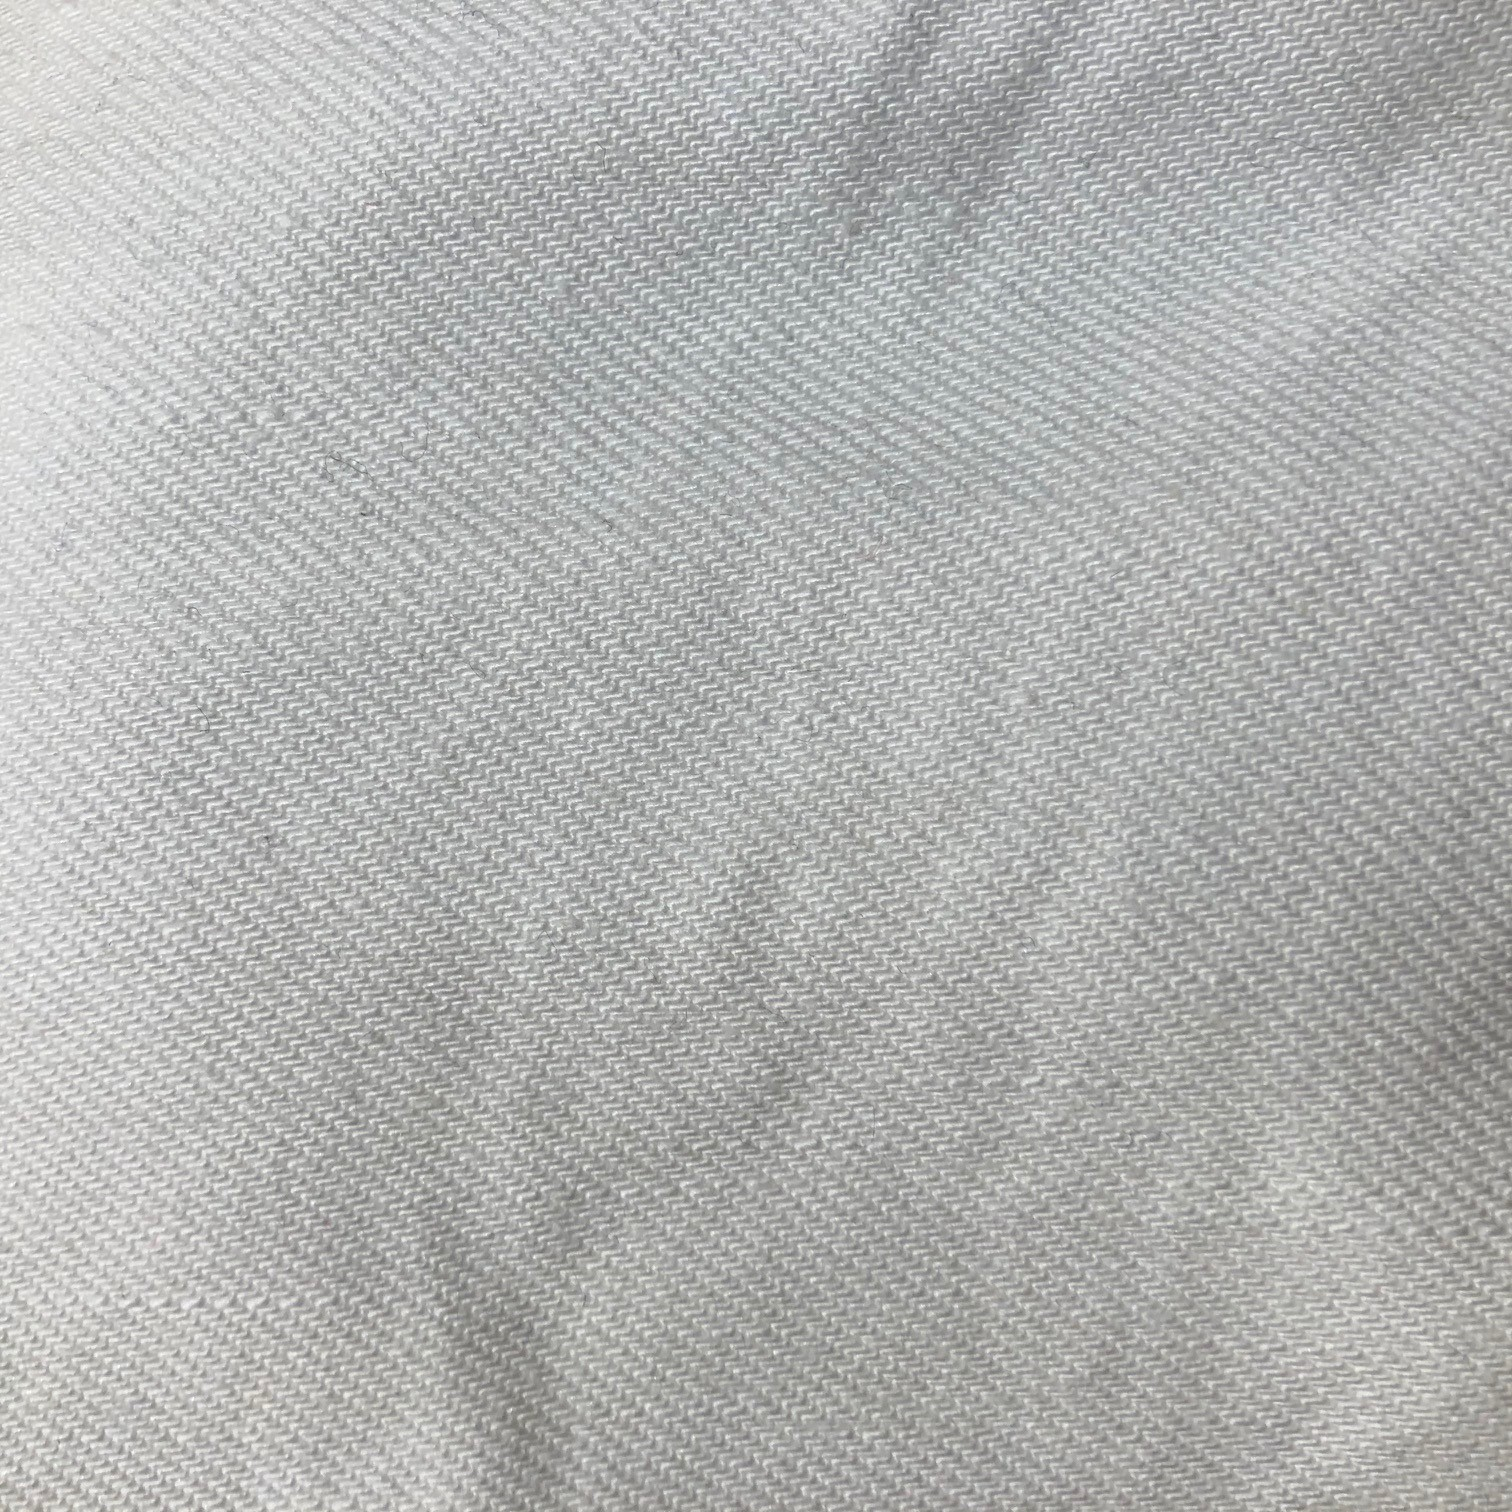 02- White Takehime